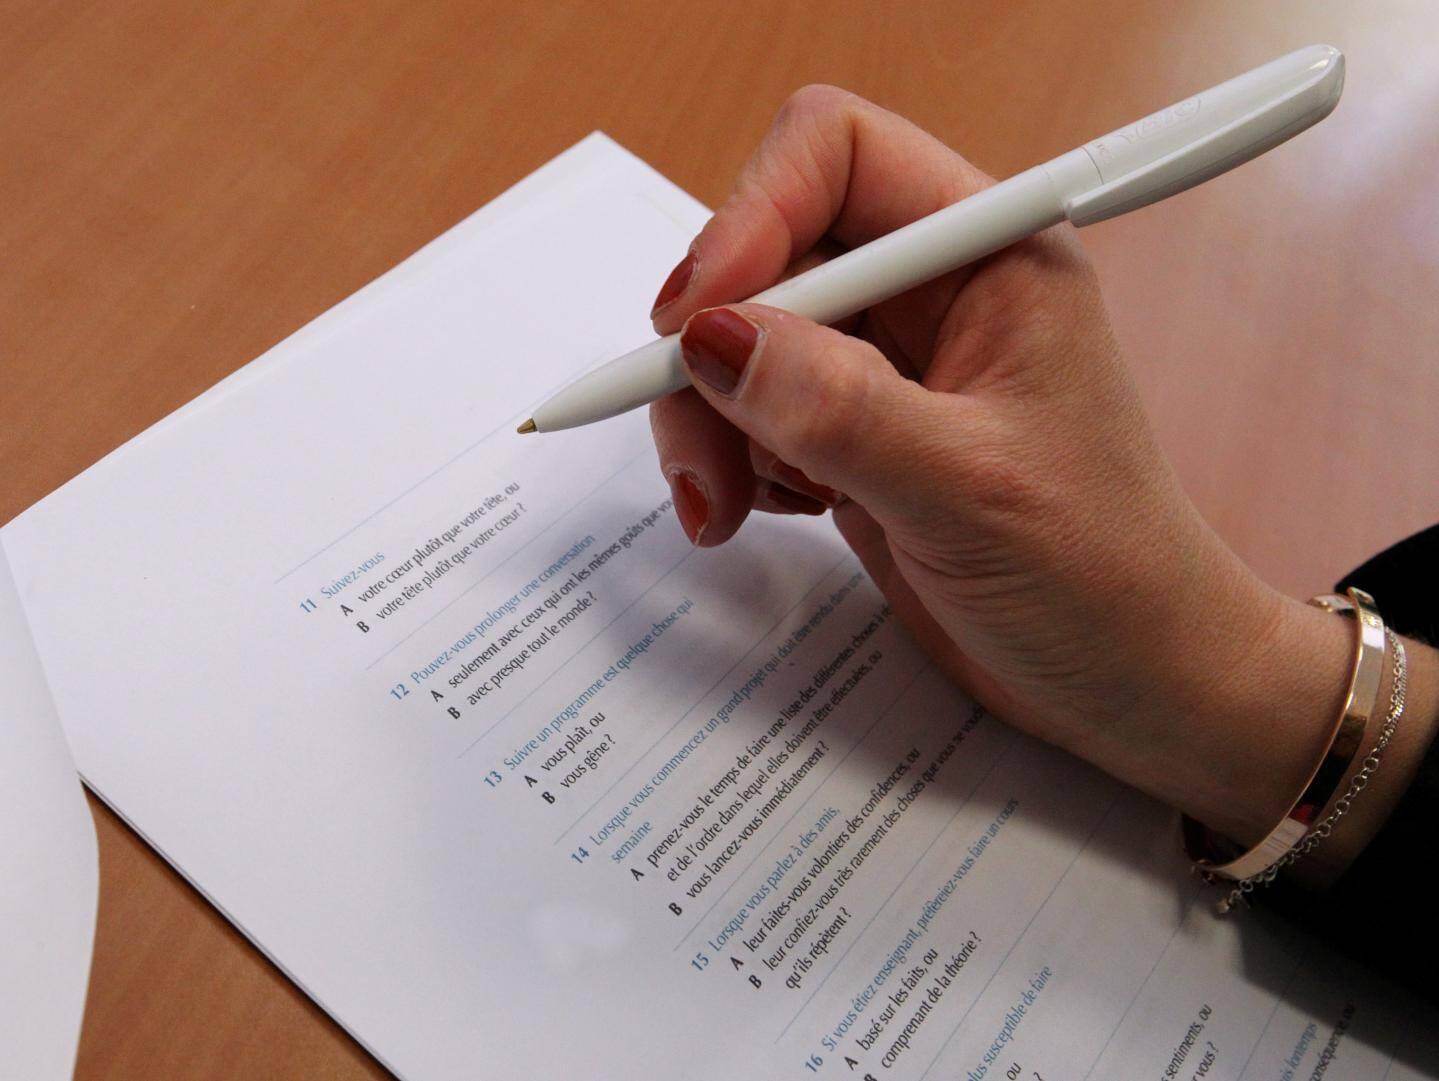 La plupart des consultants s'appuient sur des tests.